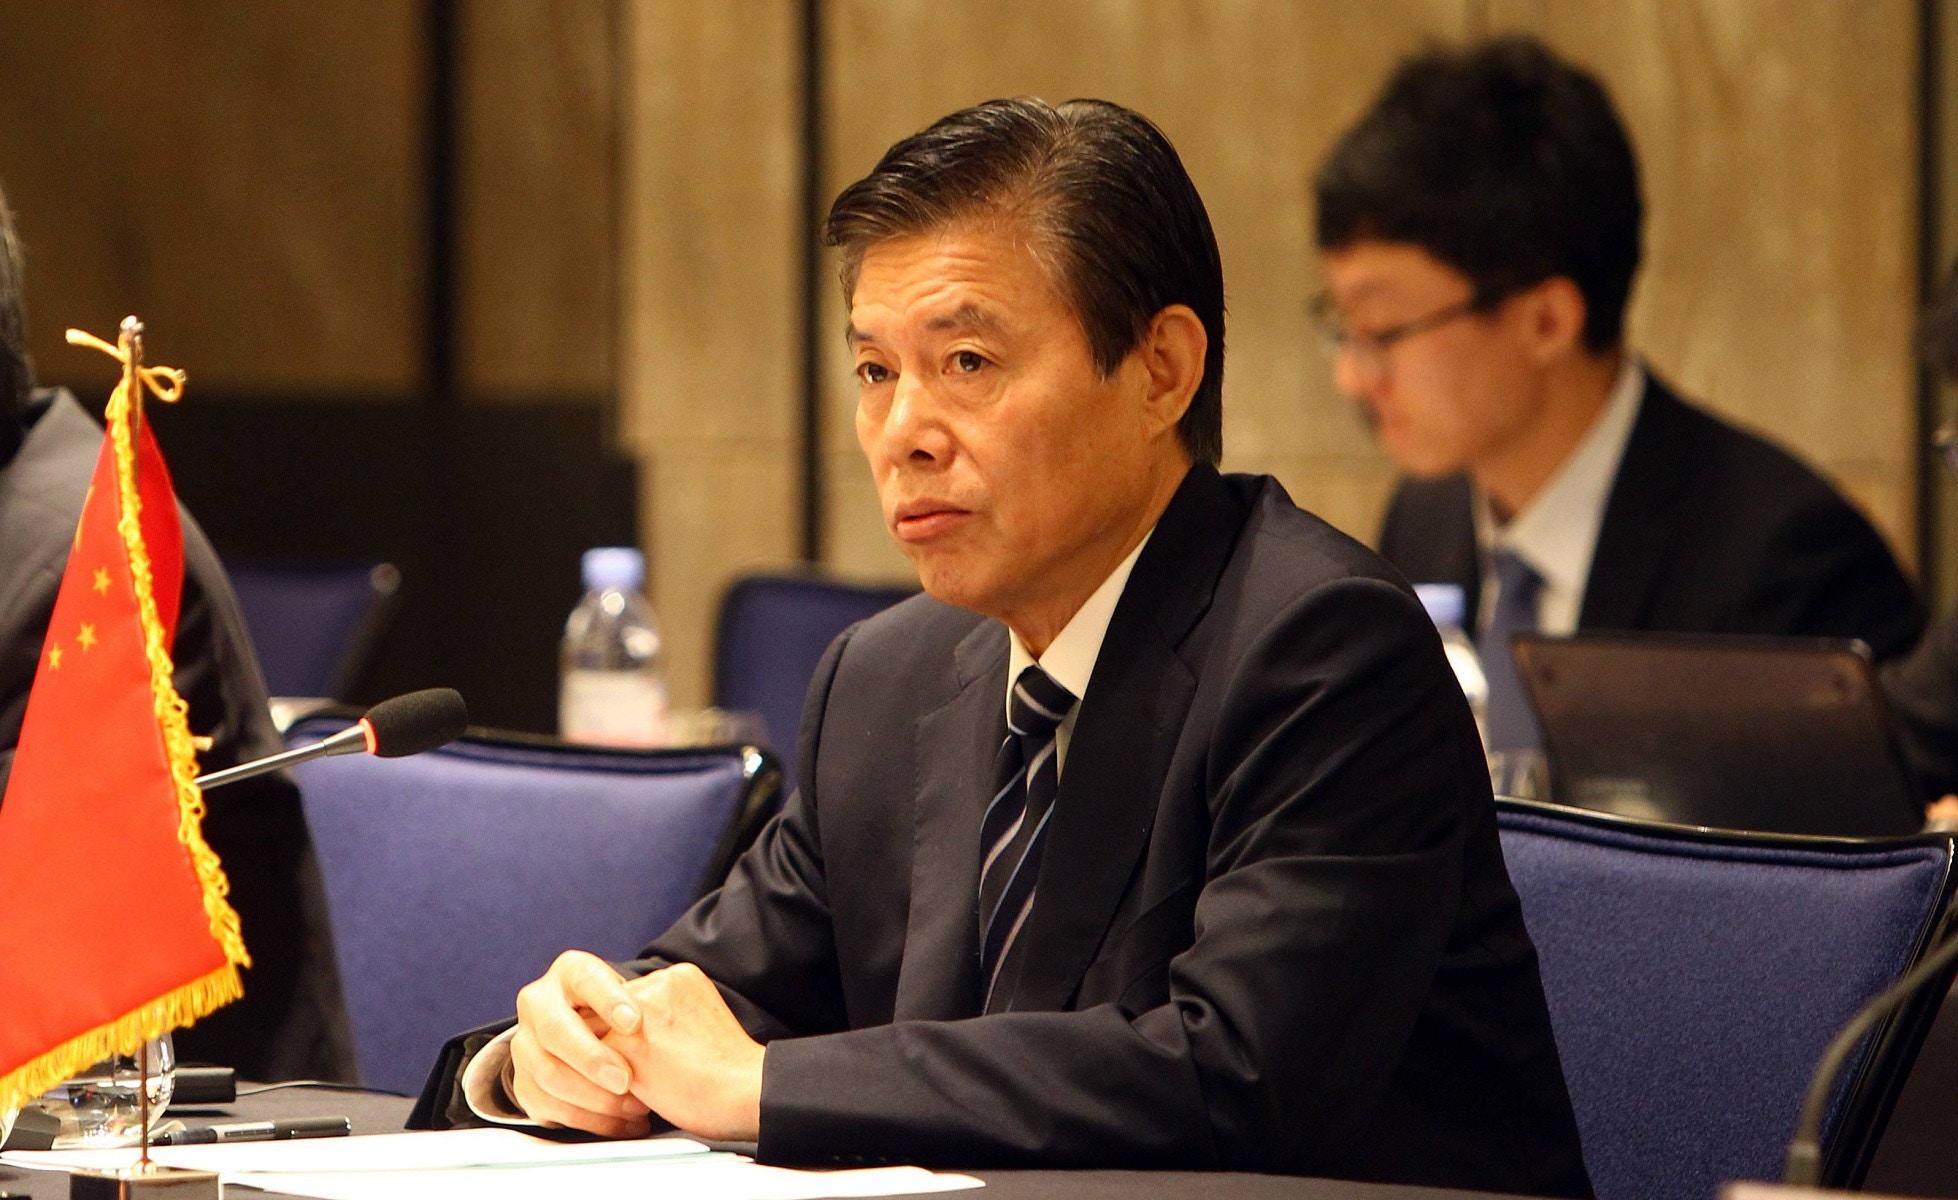 中国贸易谈判代表团中增加了被指强硬派人物的钟山。(Public Domain)